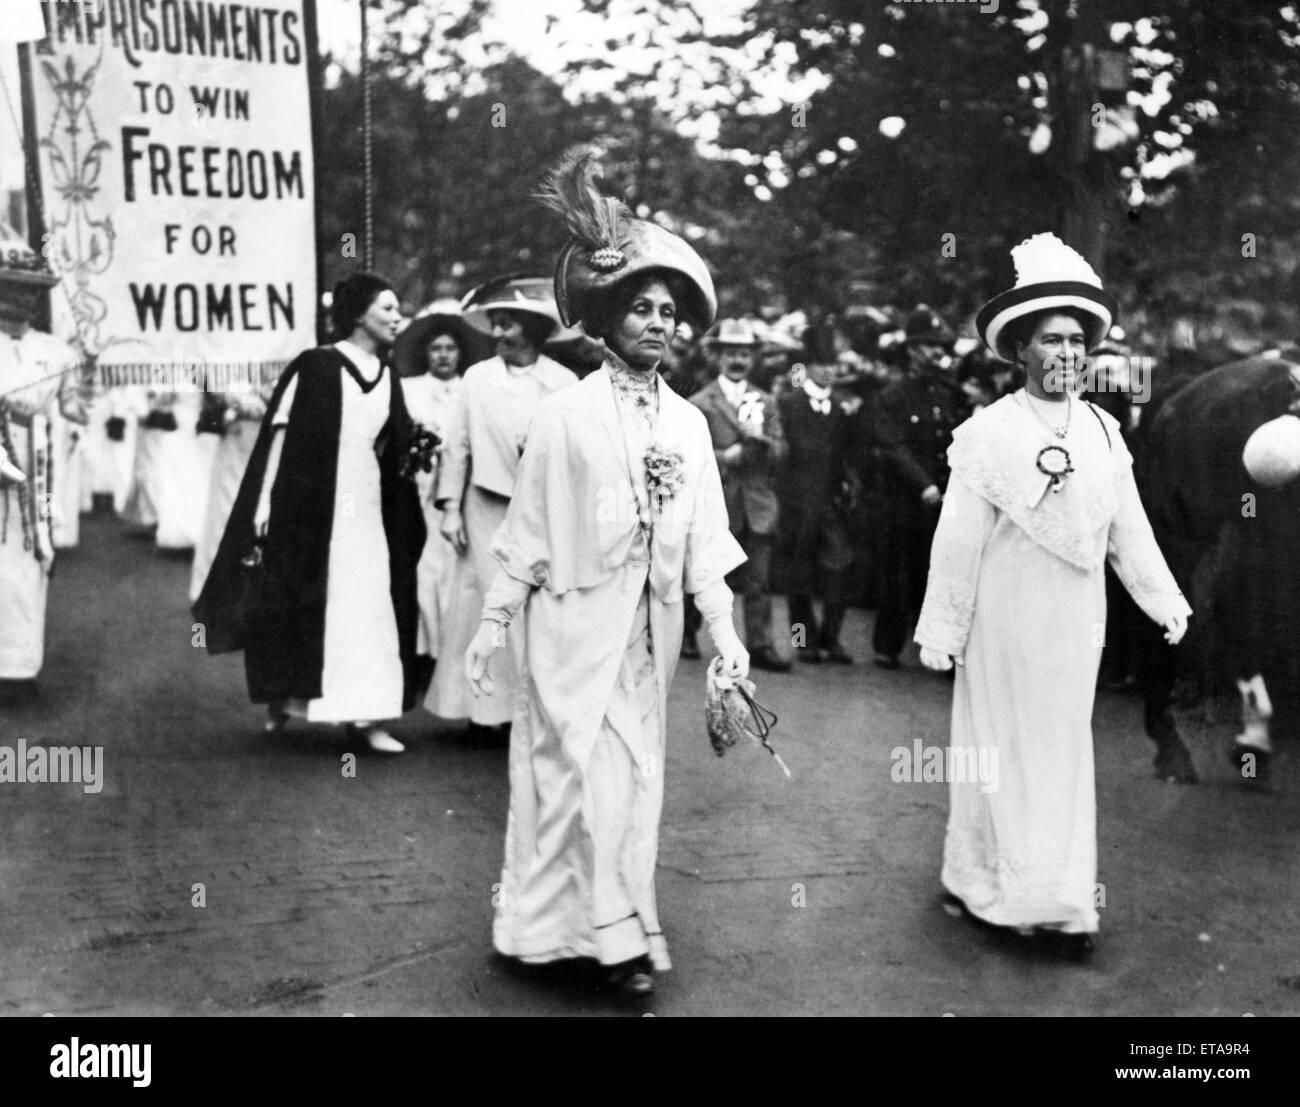 Signora Pethick-Lawrence (a destra) e la signora Pankhurst condurre una dimostrazione delle Suffragette, Christabel Pankhurst (in bianco e nero) segue dietro la madre. Circa 1910. Foto Stock